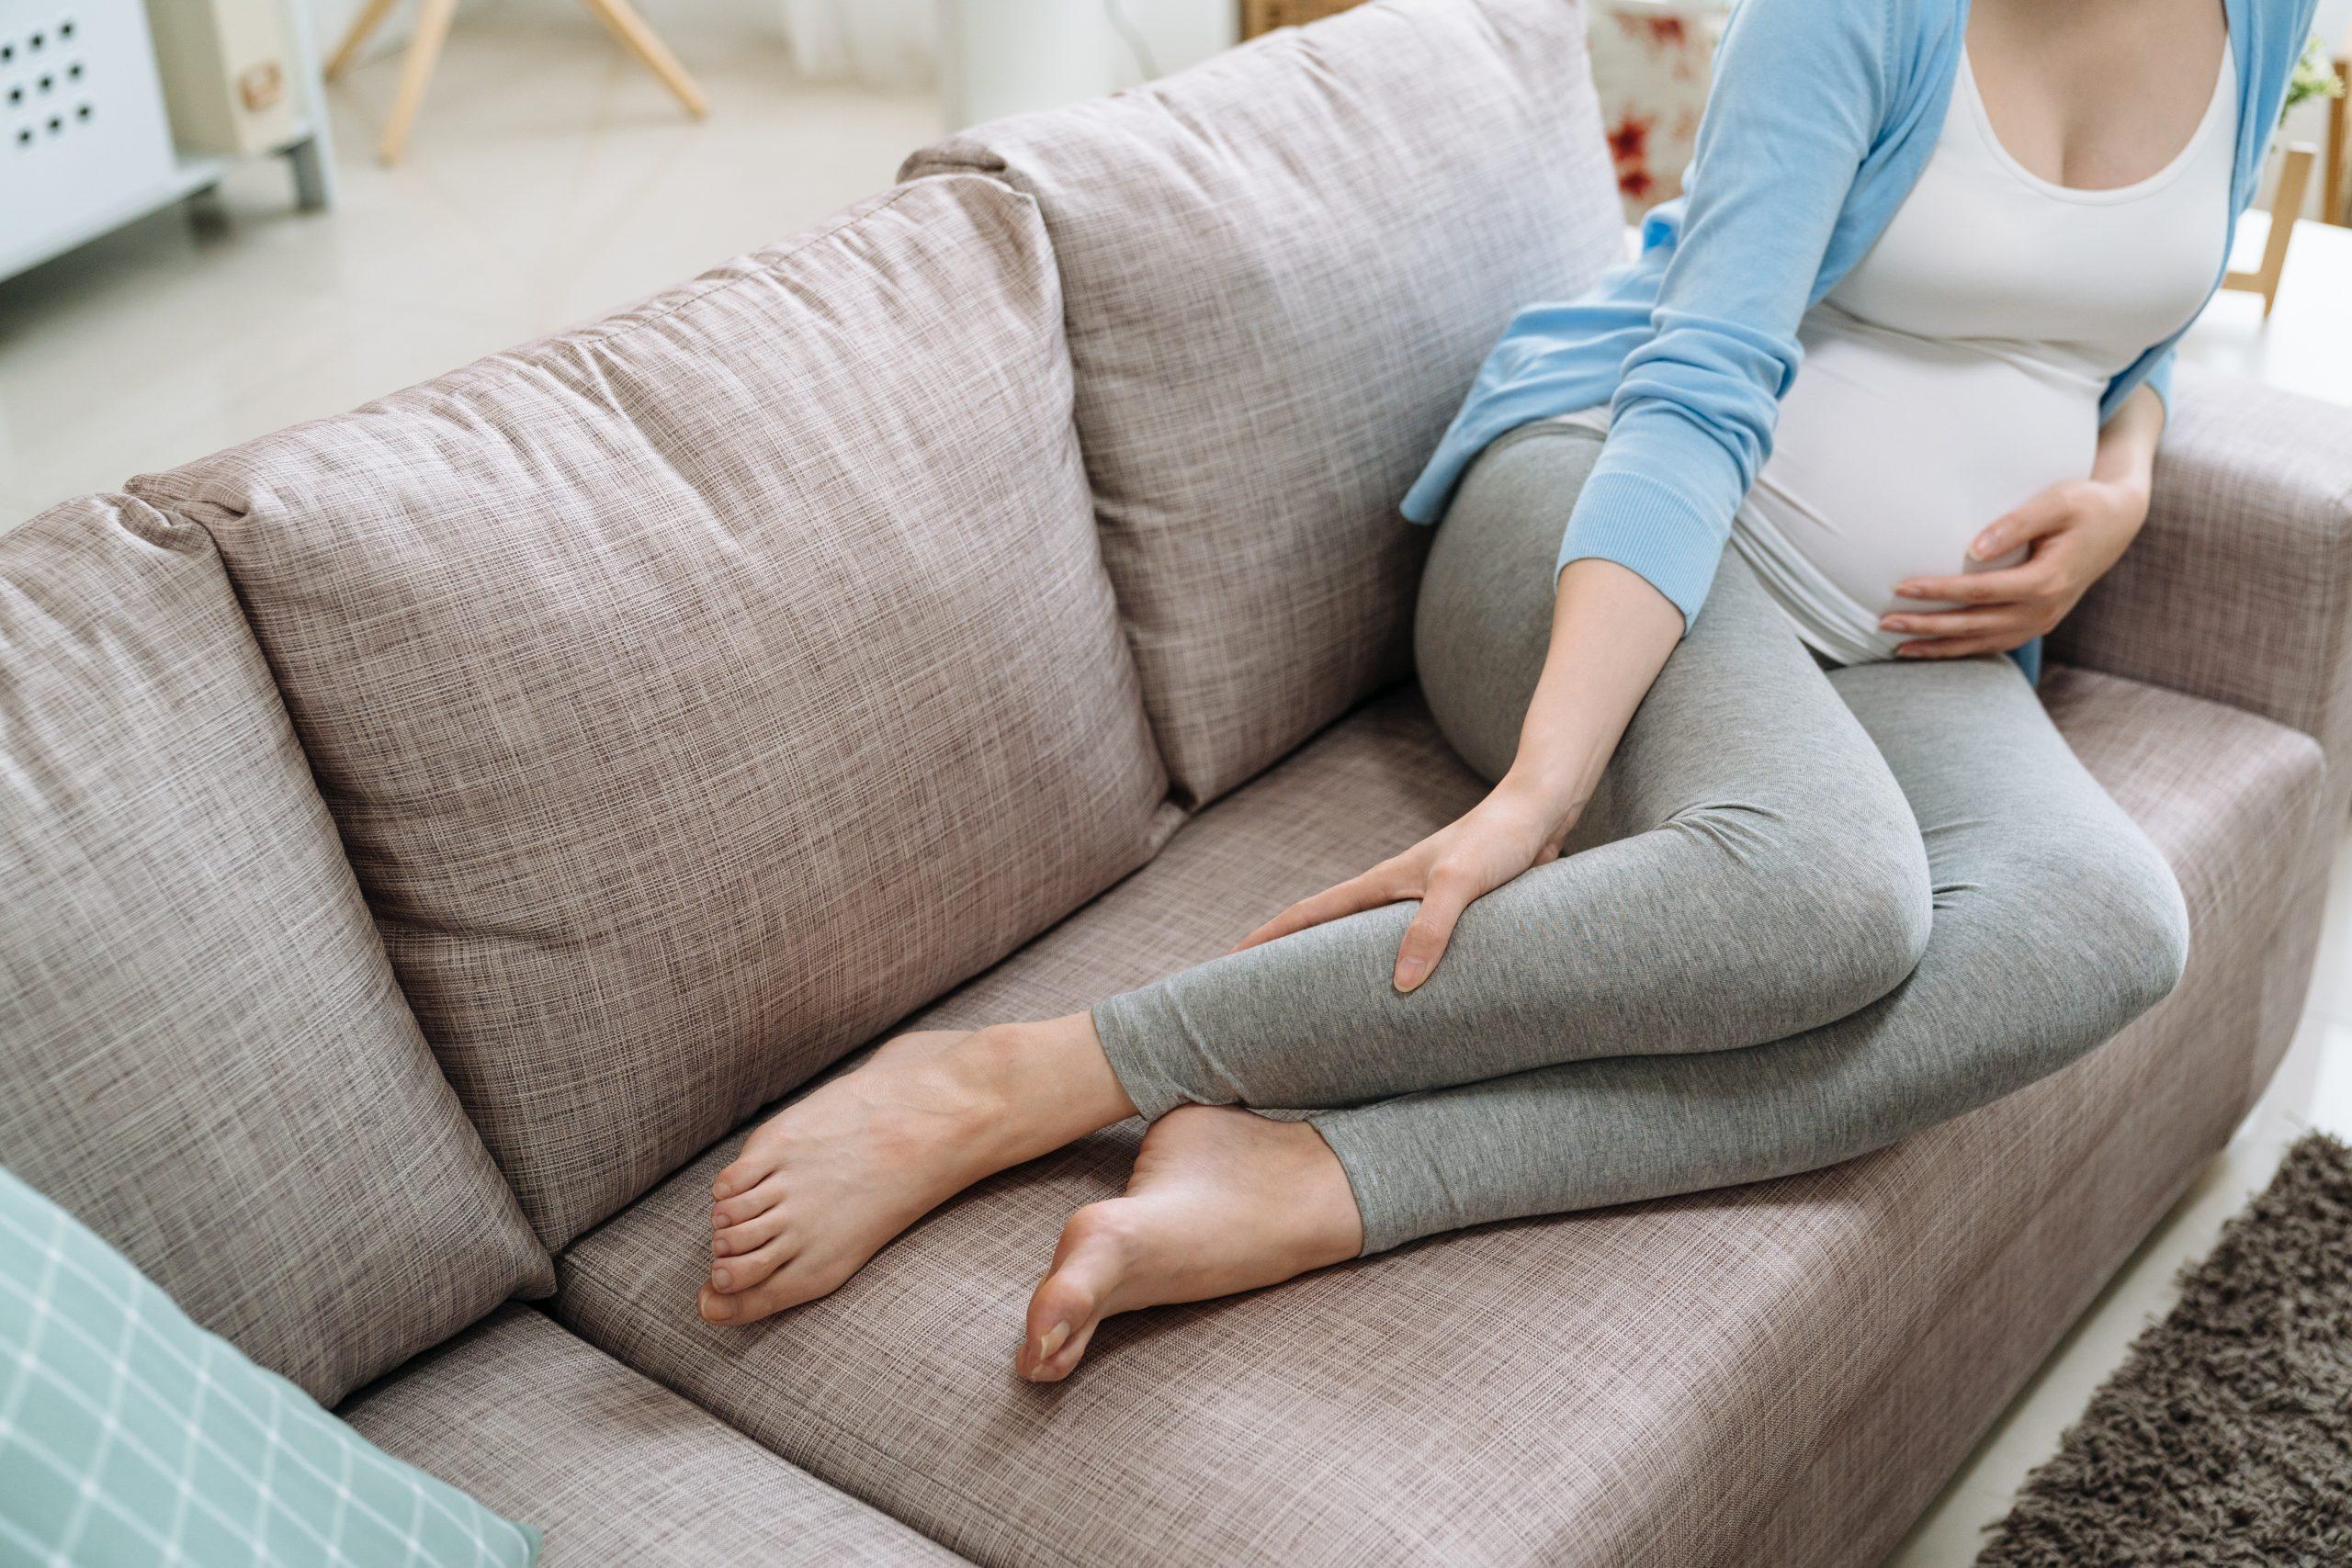 Schwangere Frau mit geschwollenen Beinen: Kompressionsstrümpfe können helfen.